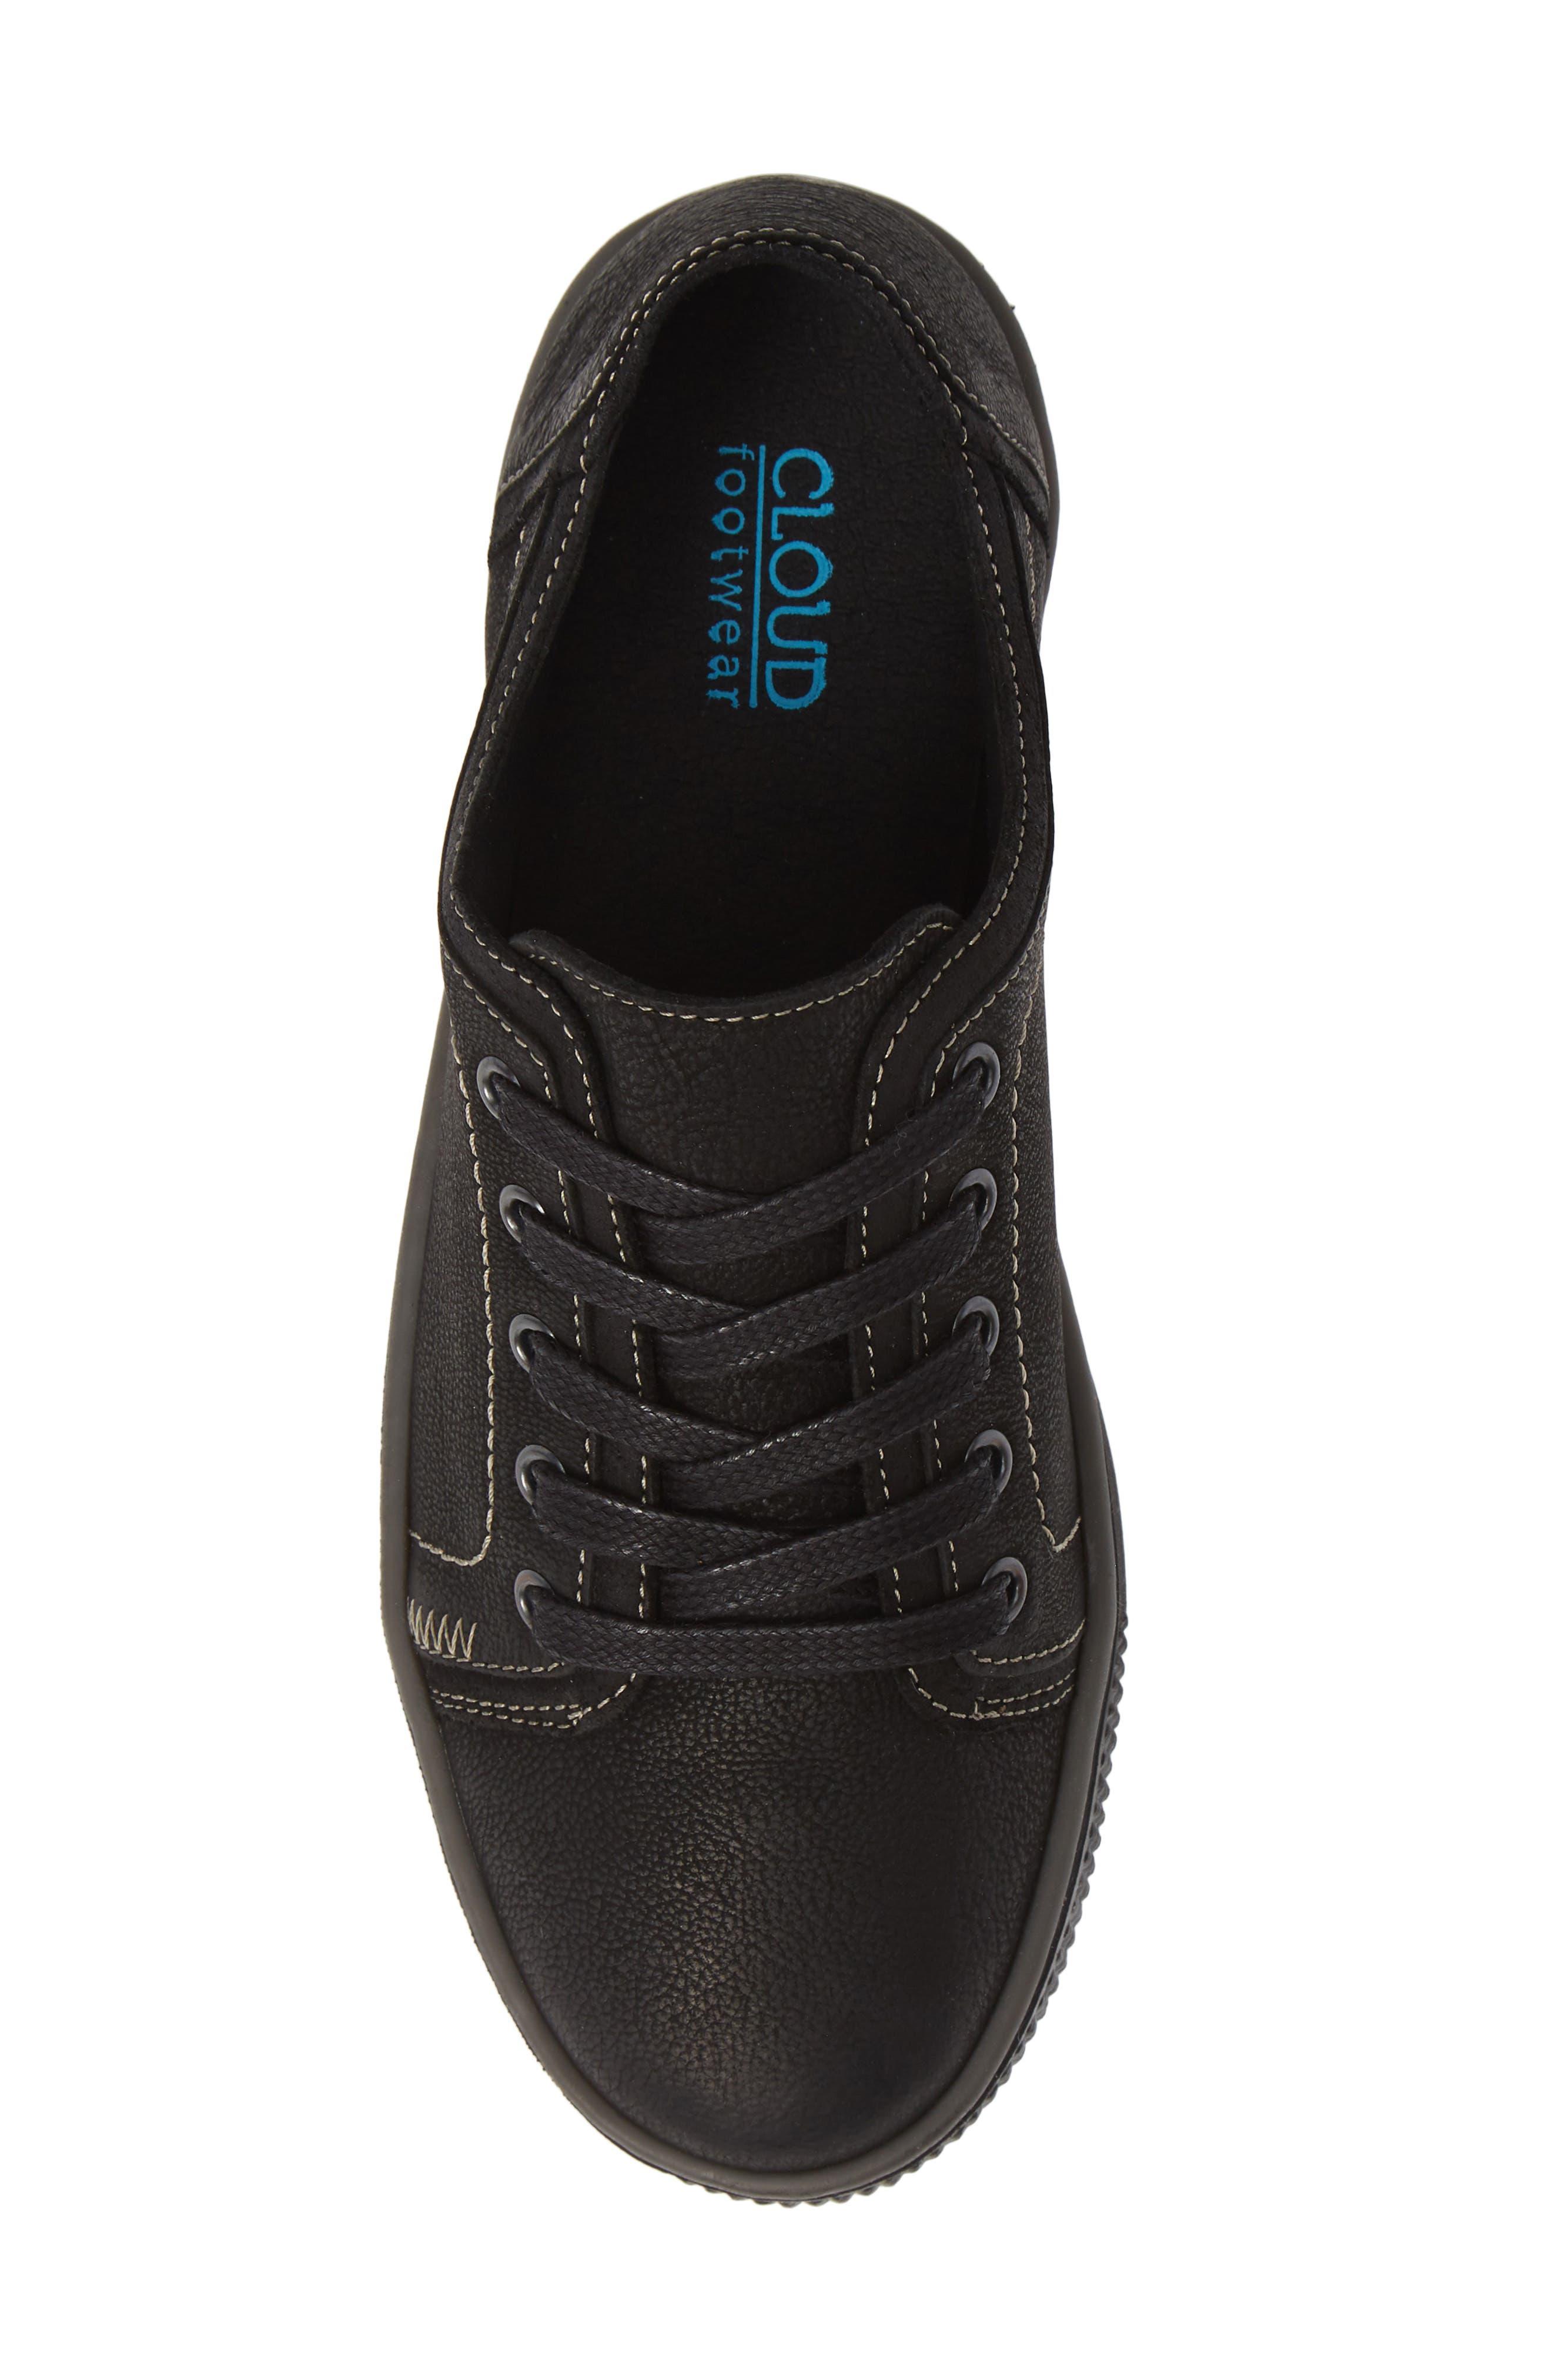 CLOUD, Nagano Low Top Sneaker, Alternate thumbnail 5, color, 001